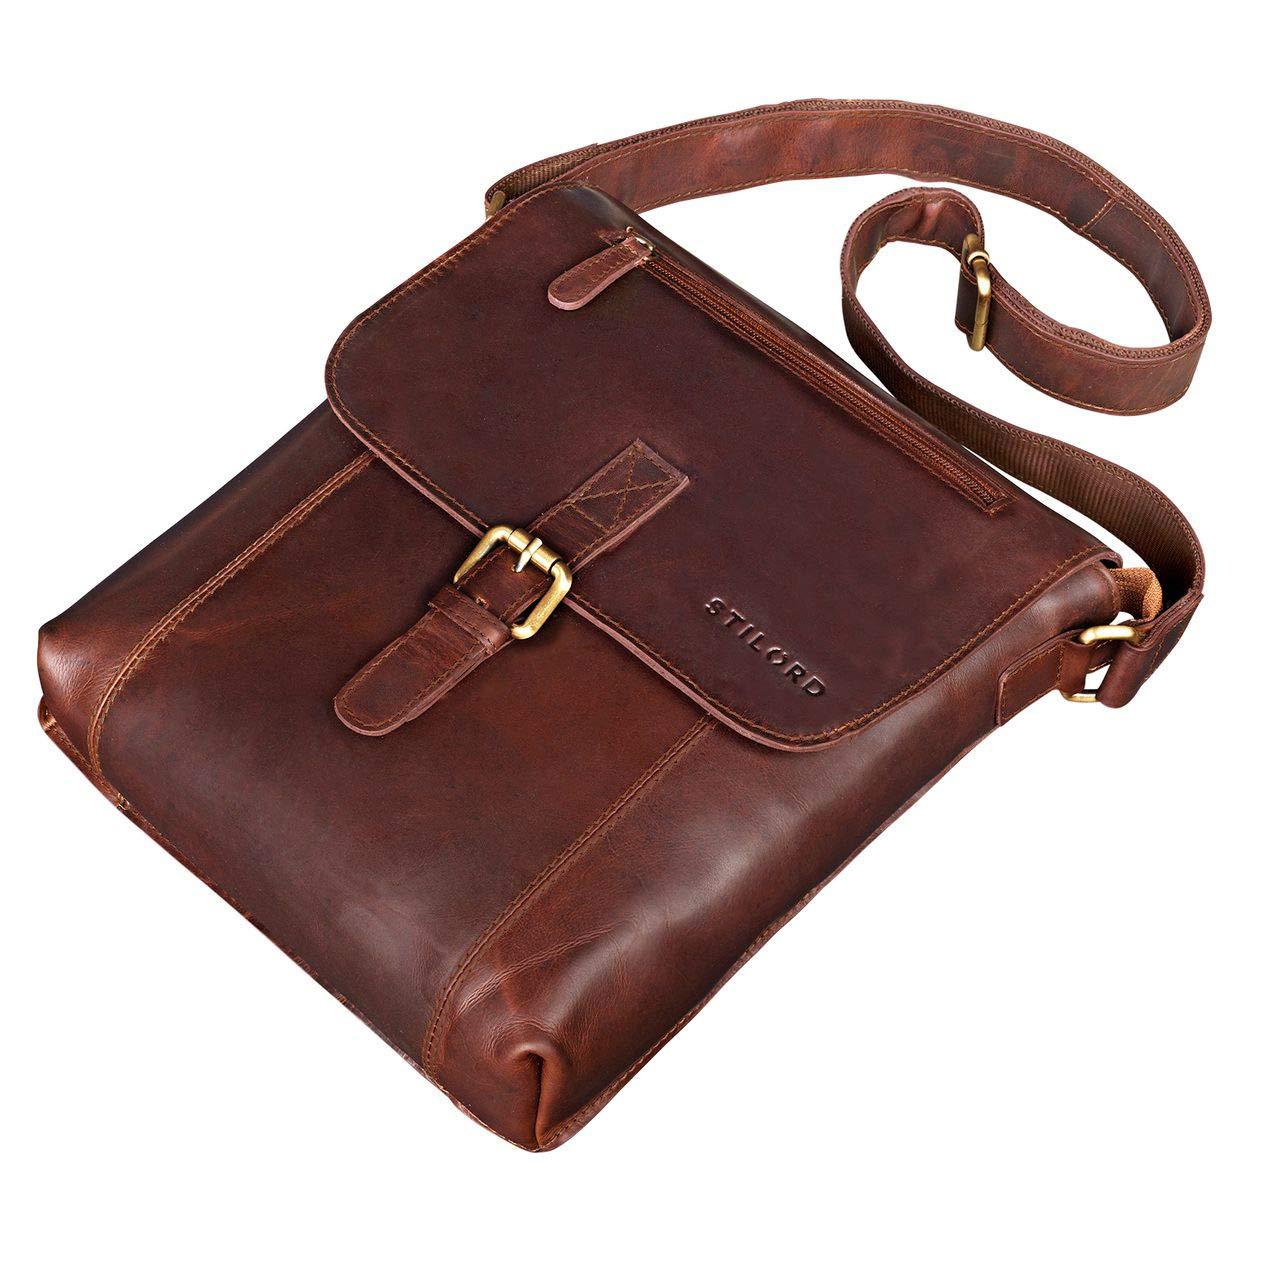 4bed9a32bf4890 STILORD 'Matthias' Herren Umhängetasche Leder Vintage Messenger Tasche 10.1  Zoll Tablettasche klein Schultertasche echtes Rinds-Leder, Farbe:Cognac ...